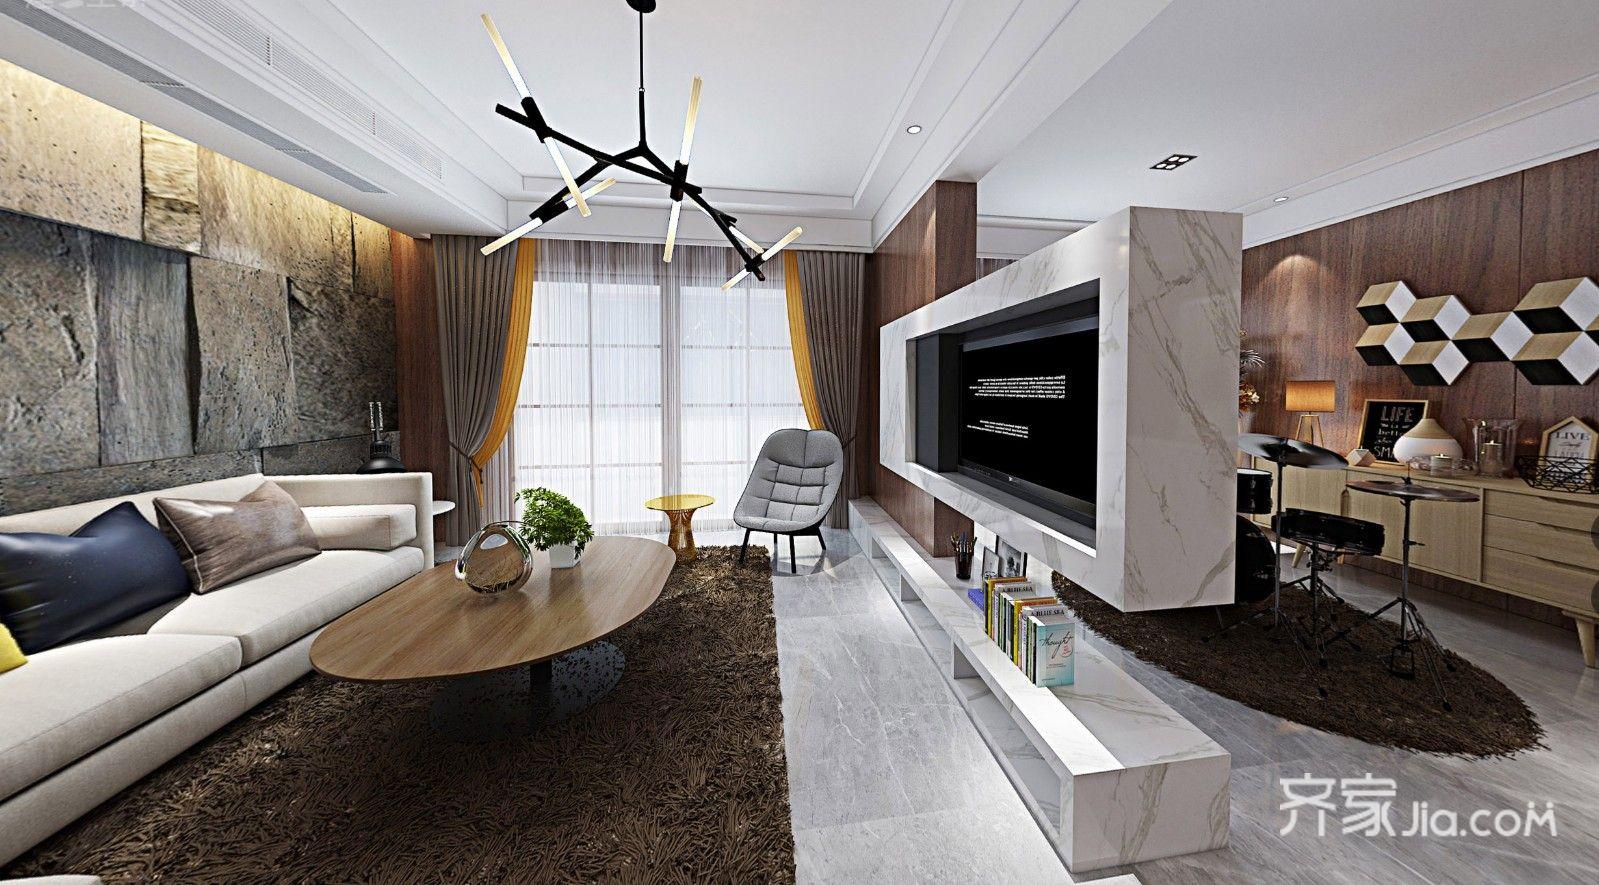 125㎡现代简约风格客厅装修效果图